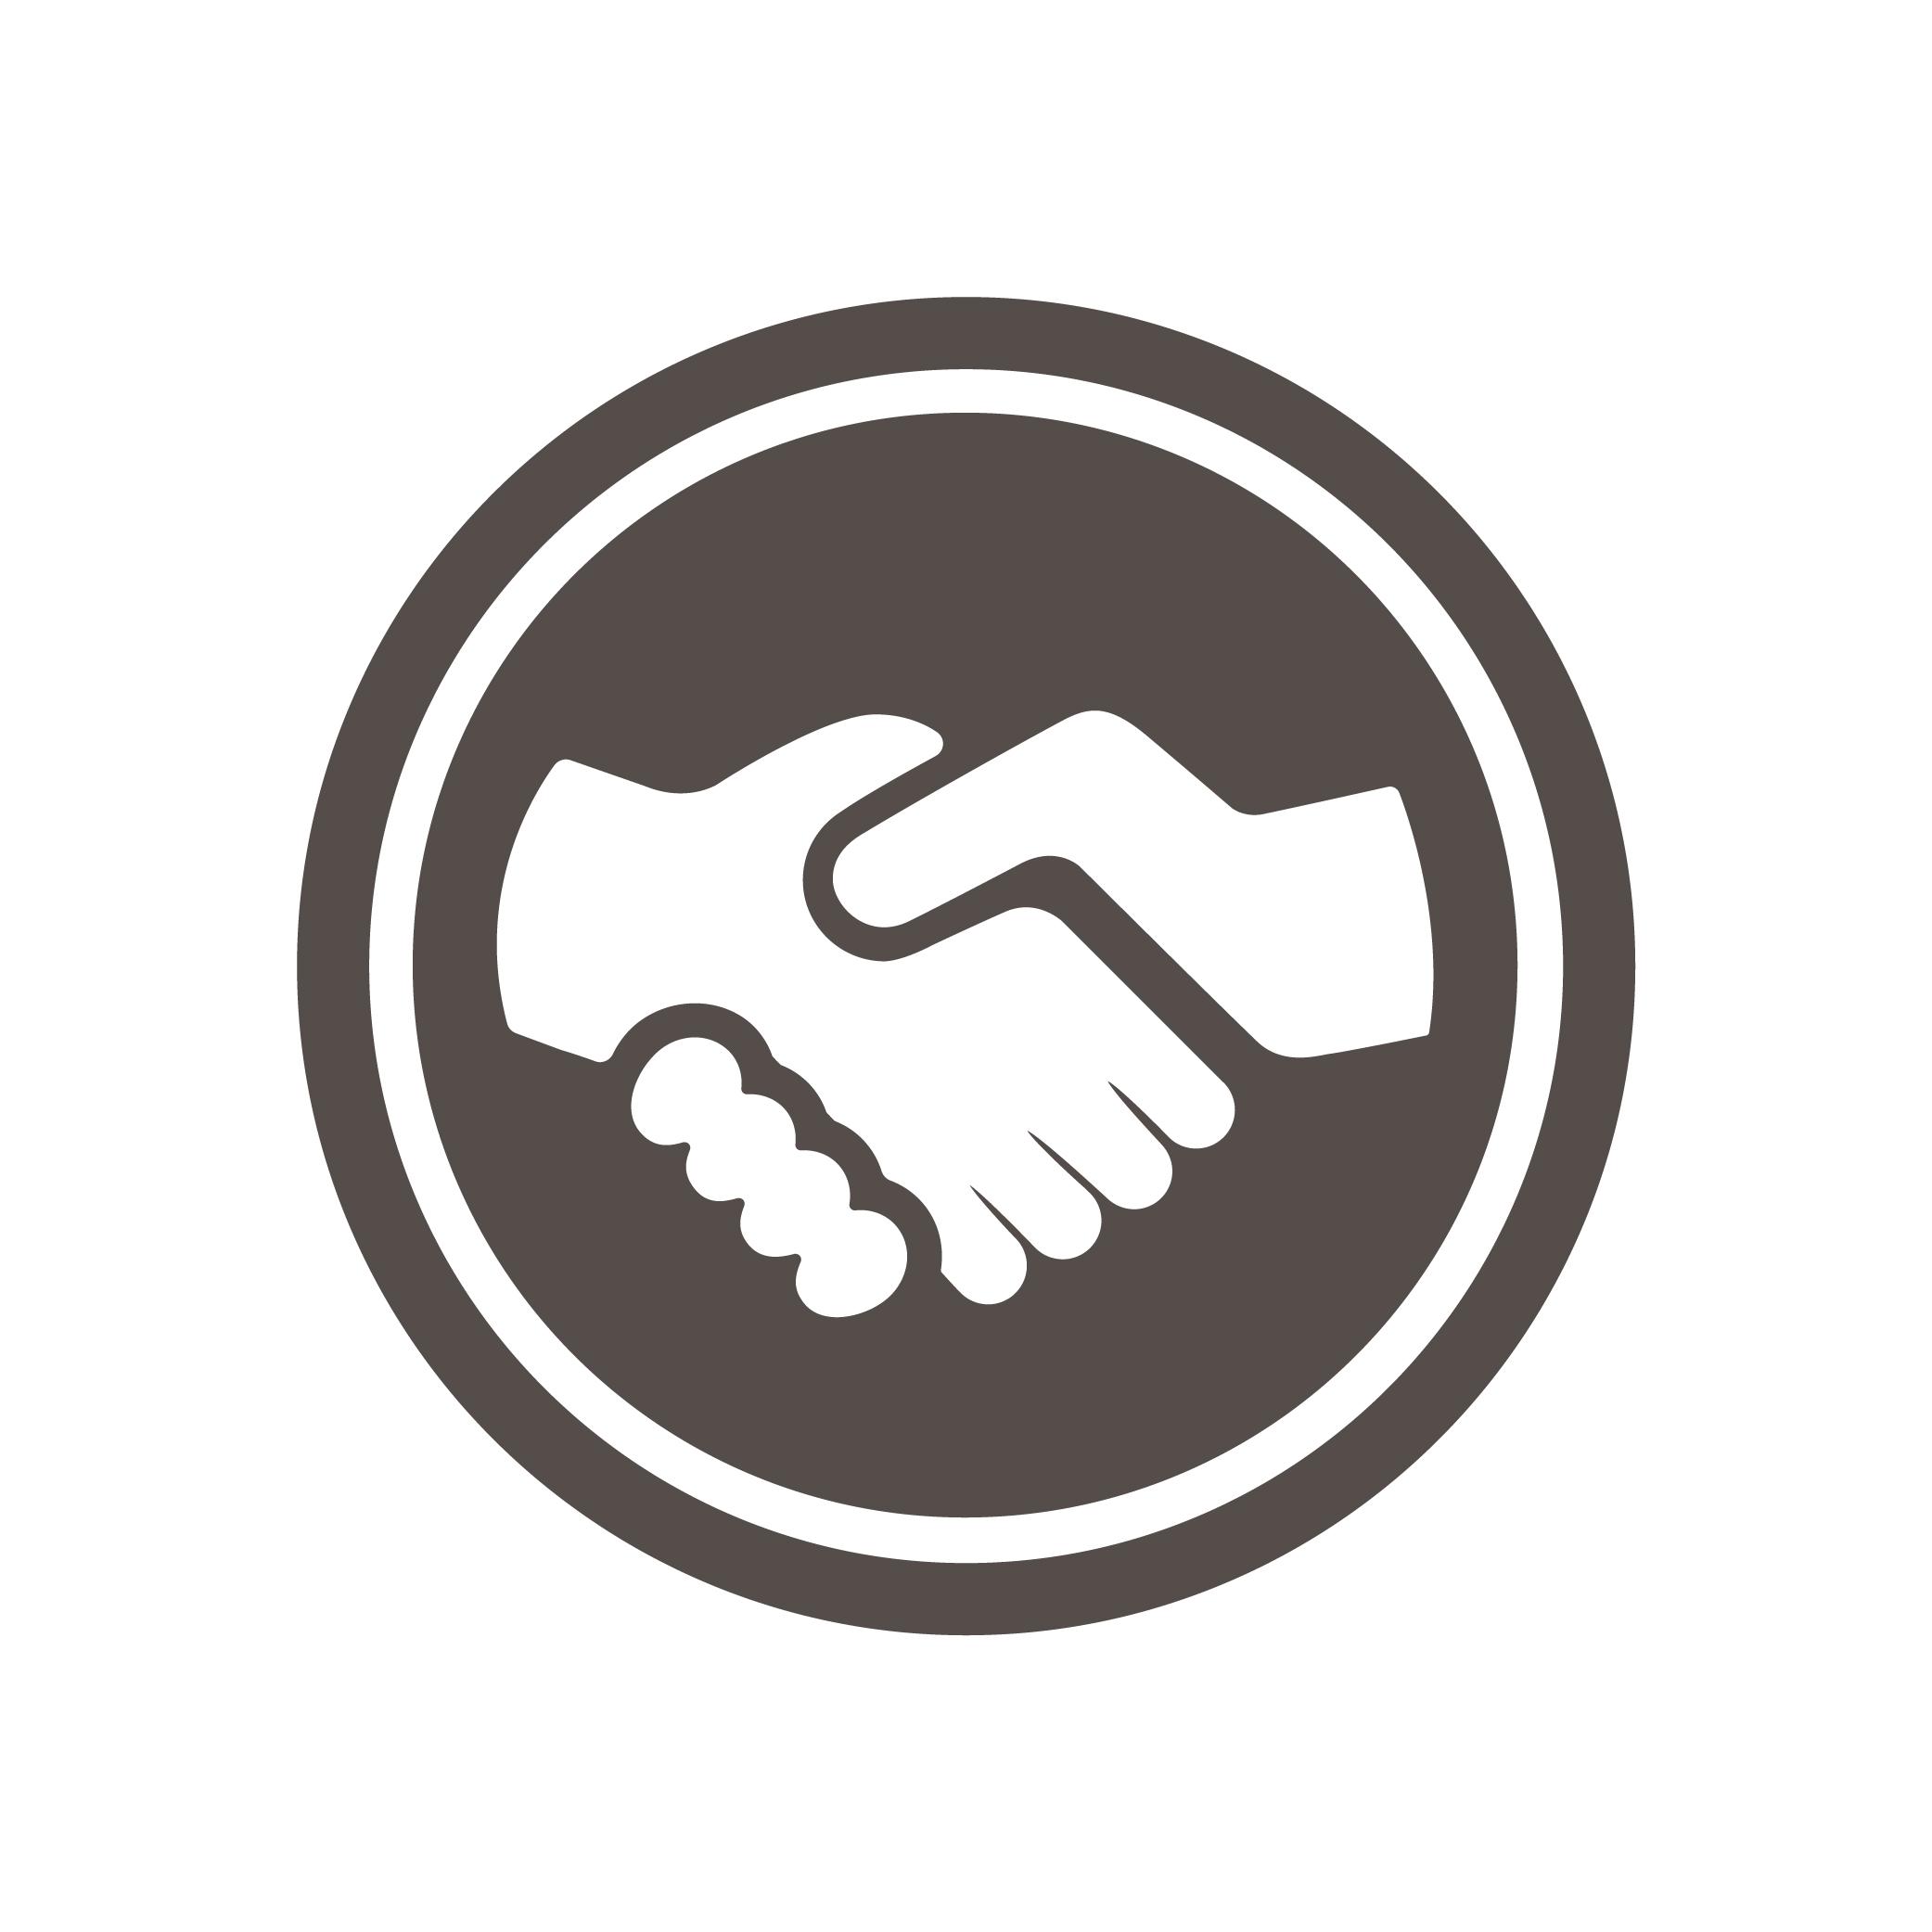 Supply Development Handshake-01.jpg